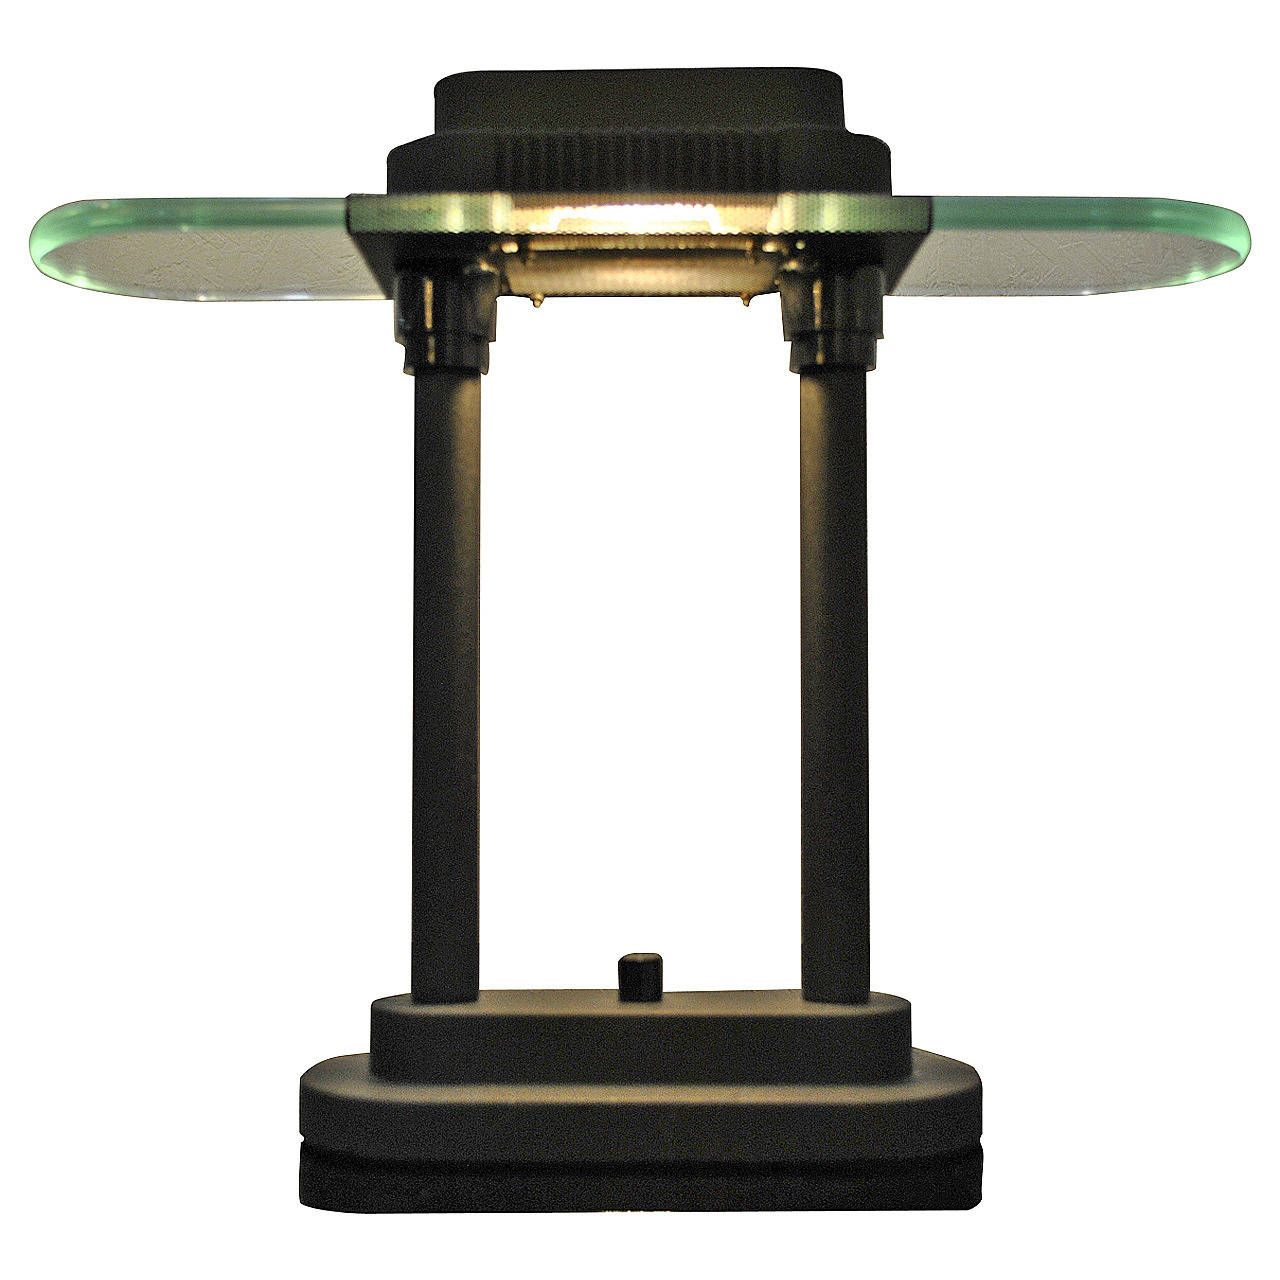 Nice Modernist Desk Lamp by Robert Sonneman | Desk lamp, Modern ...